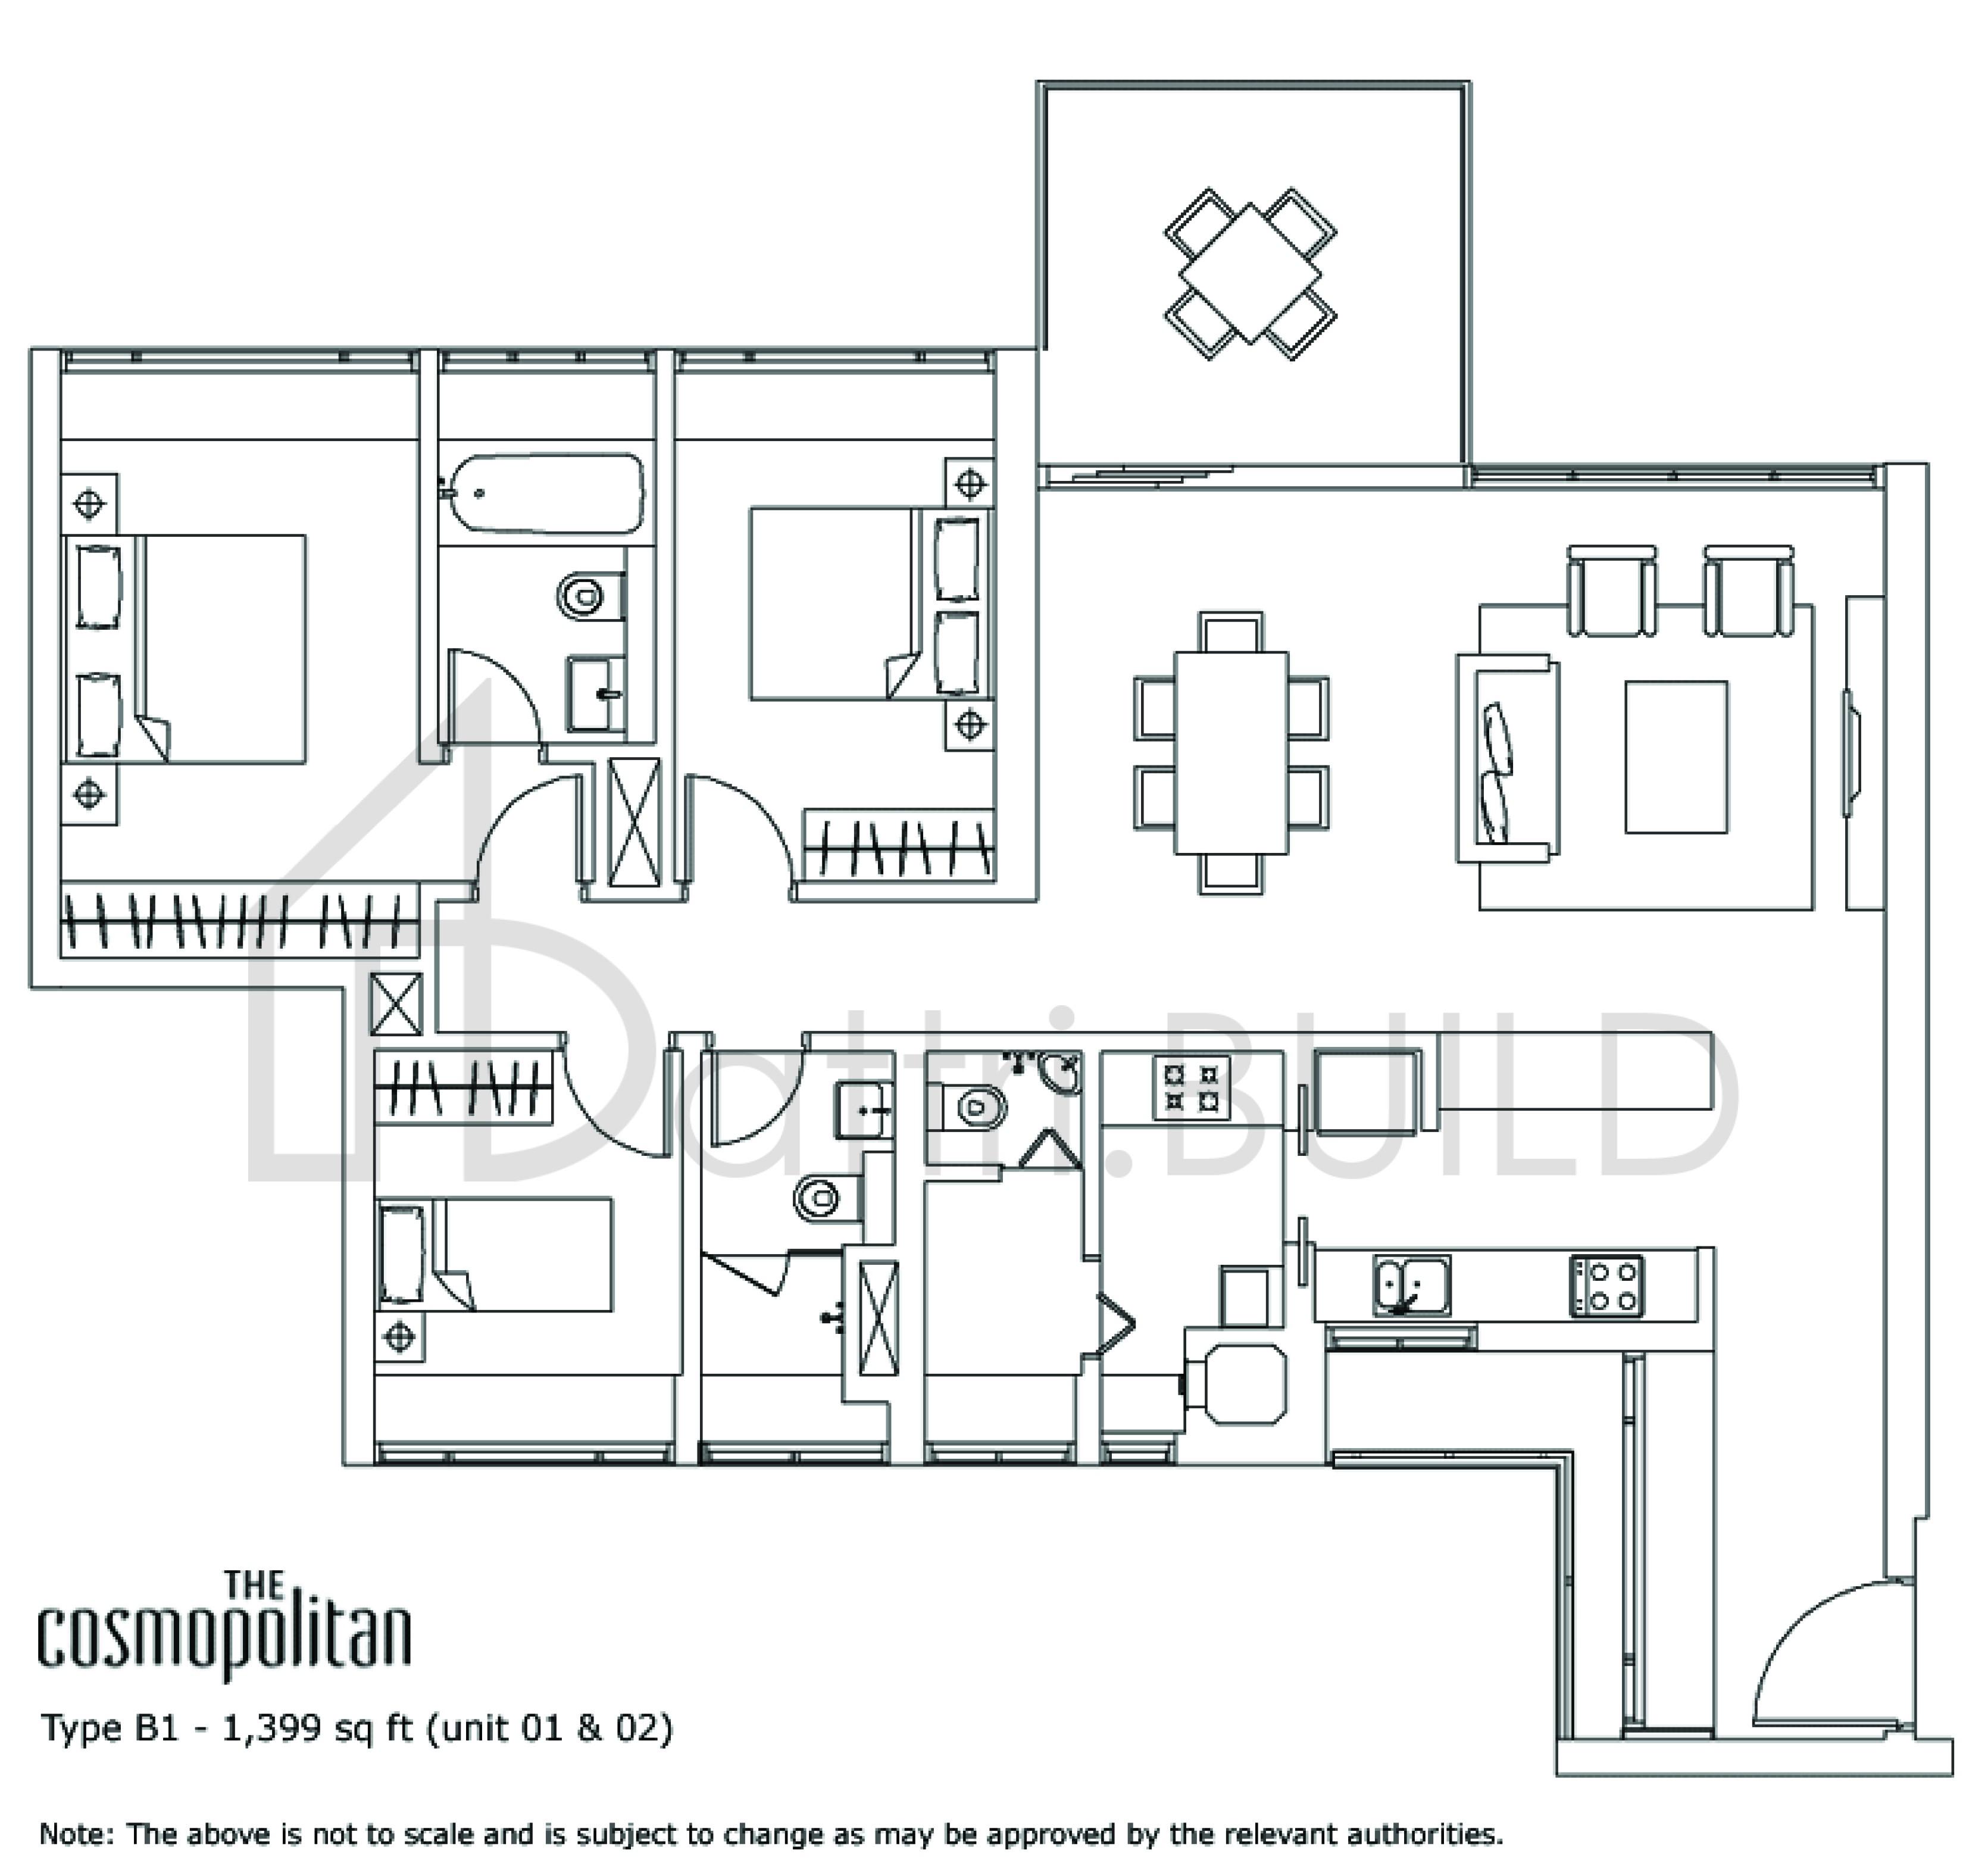 The Cosmopolitan 3 Bedroom Type B1